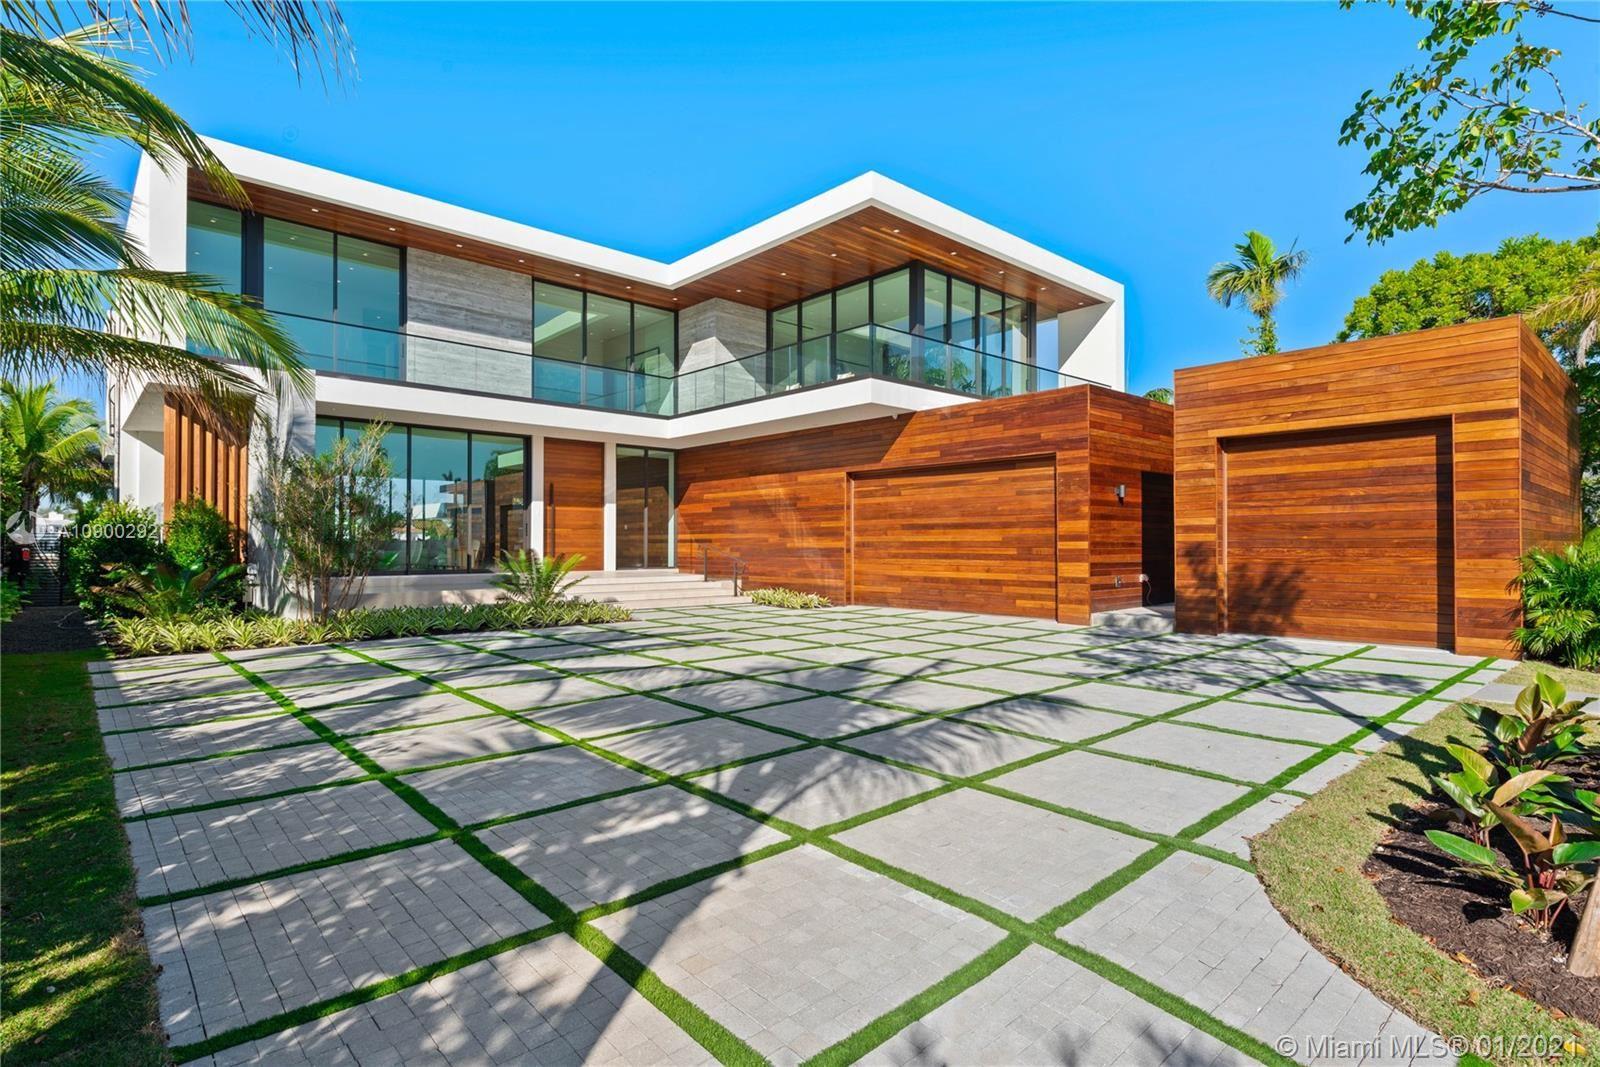 108 W Rivo Alto Dr, Miami Beach, FL 33139 - #: A10900292